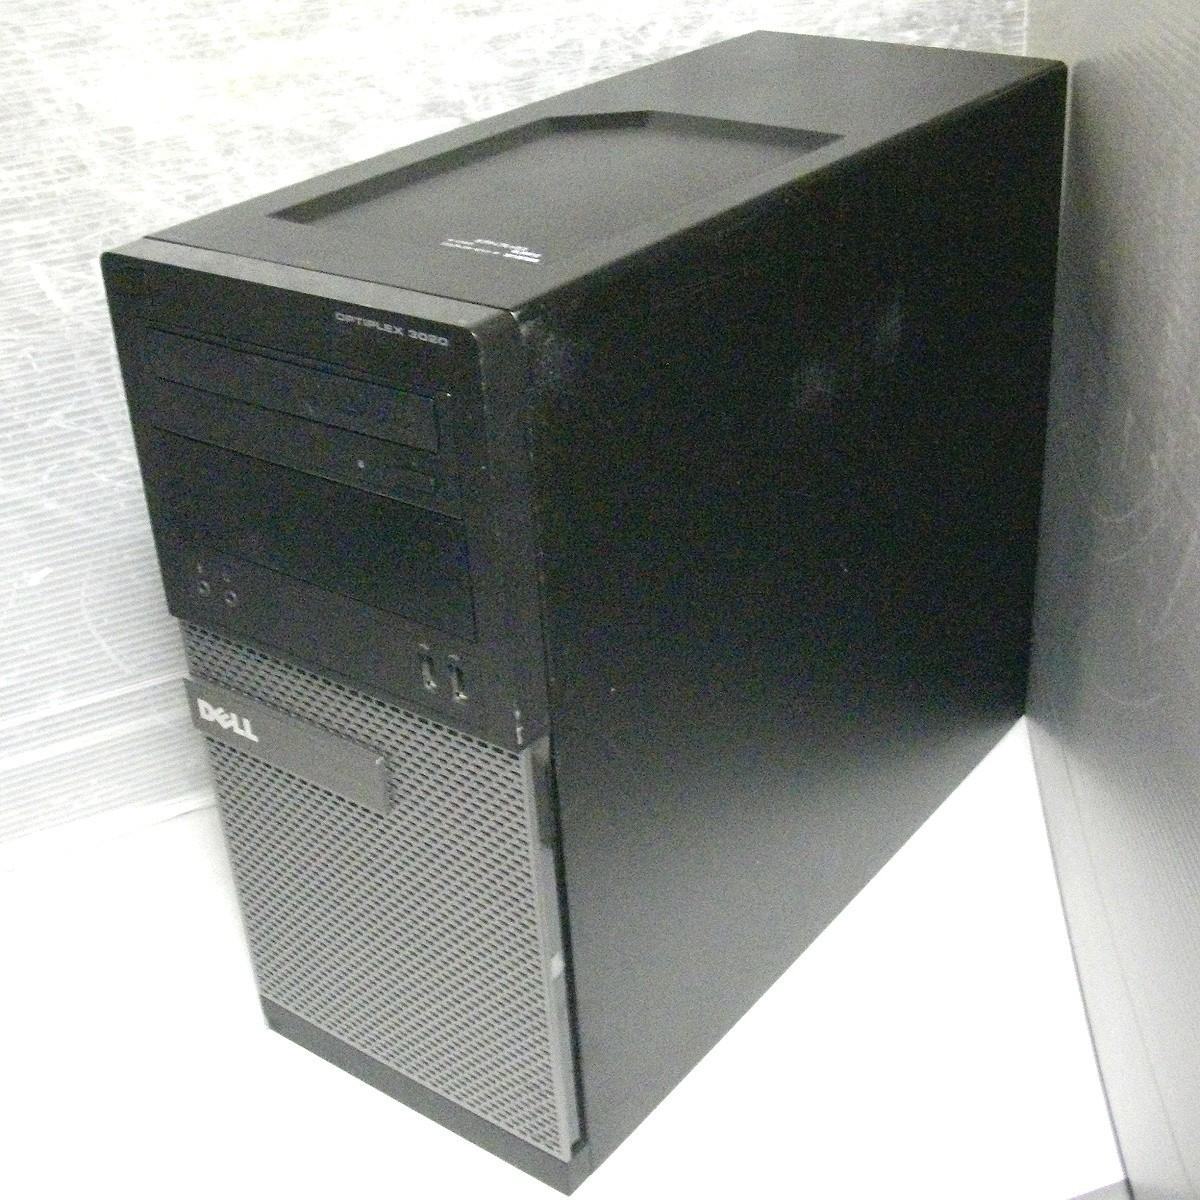 お仕事応援 即納 動保 ミニタワーPC Core i7-4770 新品SSD240GB + HDD 500GB 8GB WIN10 USB3.0 2画面出 デルOPTIPLEX 3020 デスクトップPC